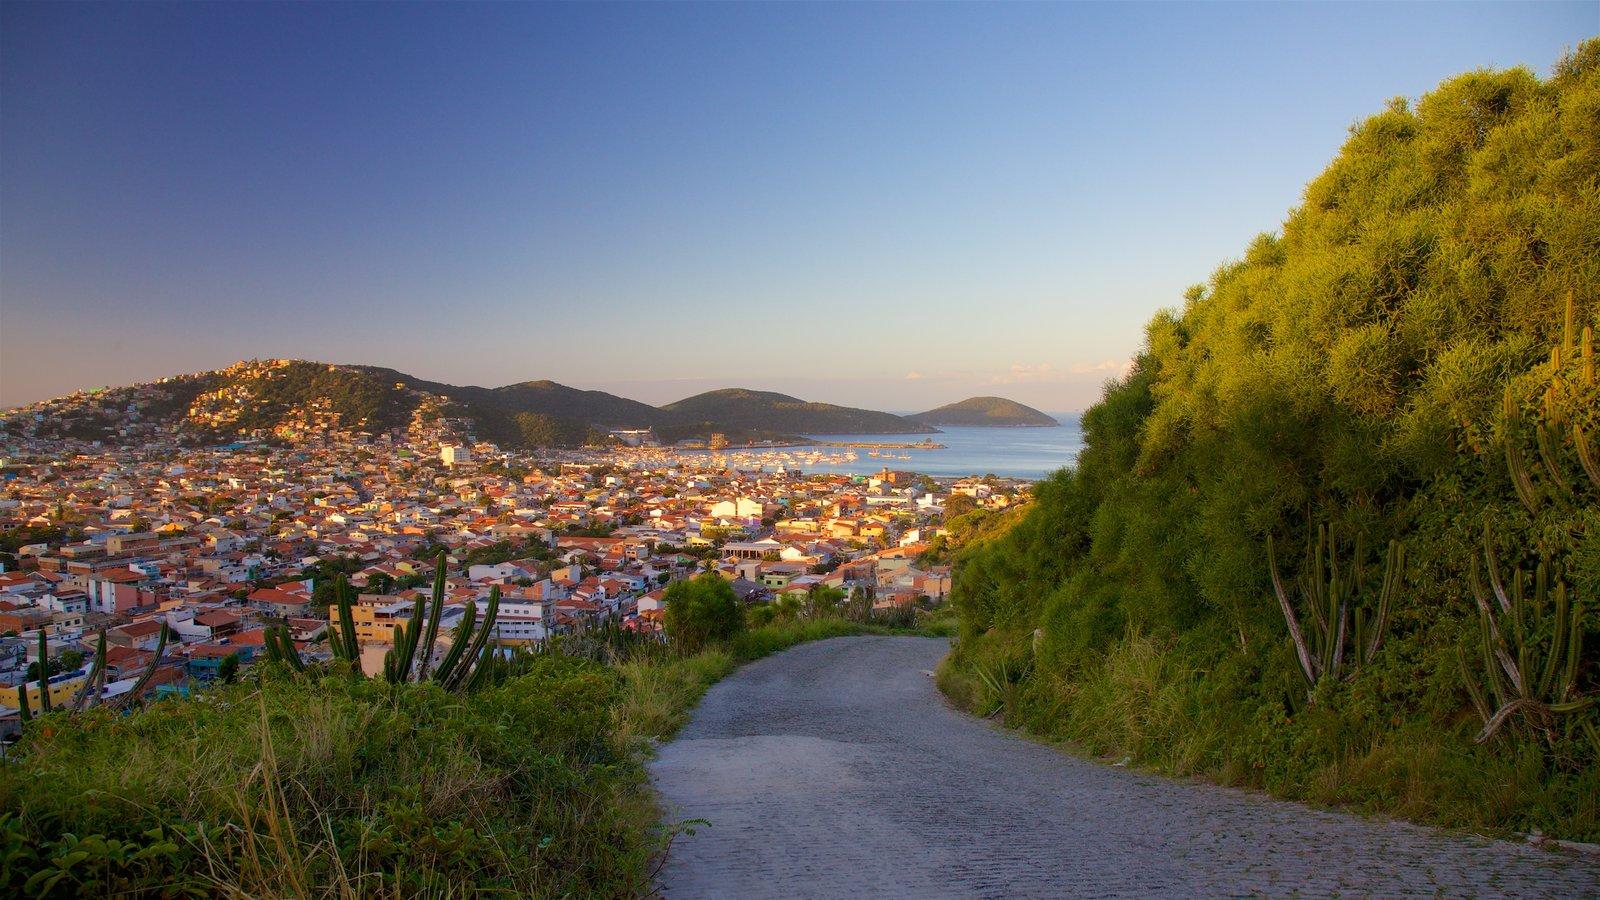 Mirante do Pontal do Atalaia mostrando paisagens litorâneas, um pôr do sol e uma cidade litorânea